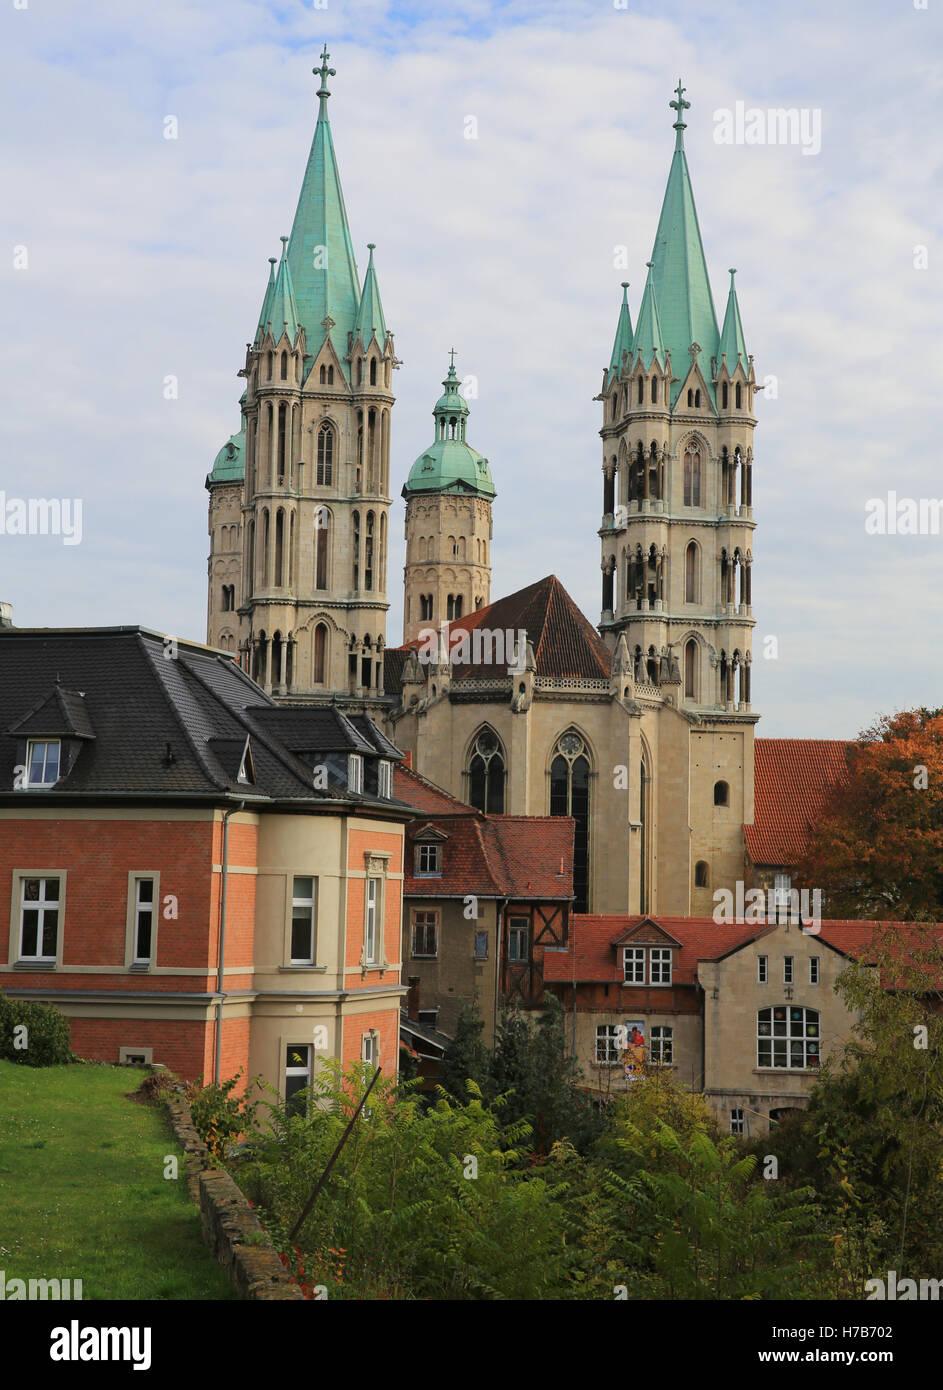 Magdeburg, Deutschland. 01st Nov, 2016. Blick auf den Dom von Naumburg/Saale (Sachsen-Anhalt), aufgenommen am 01.11.2016. Stock Photo